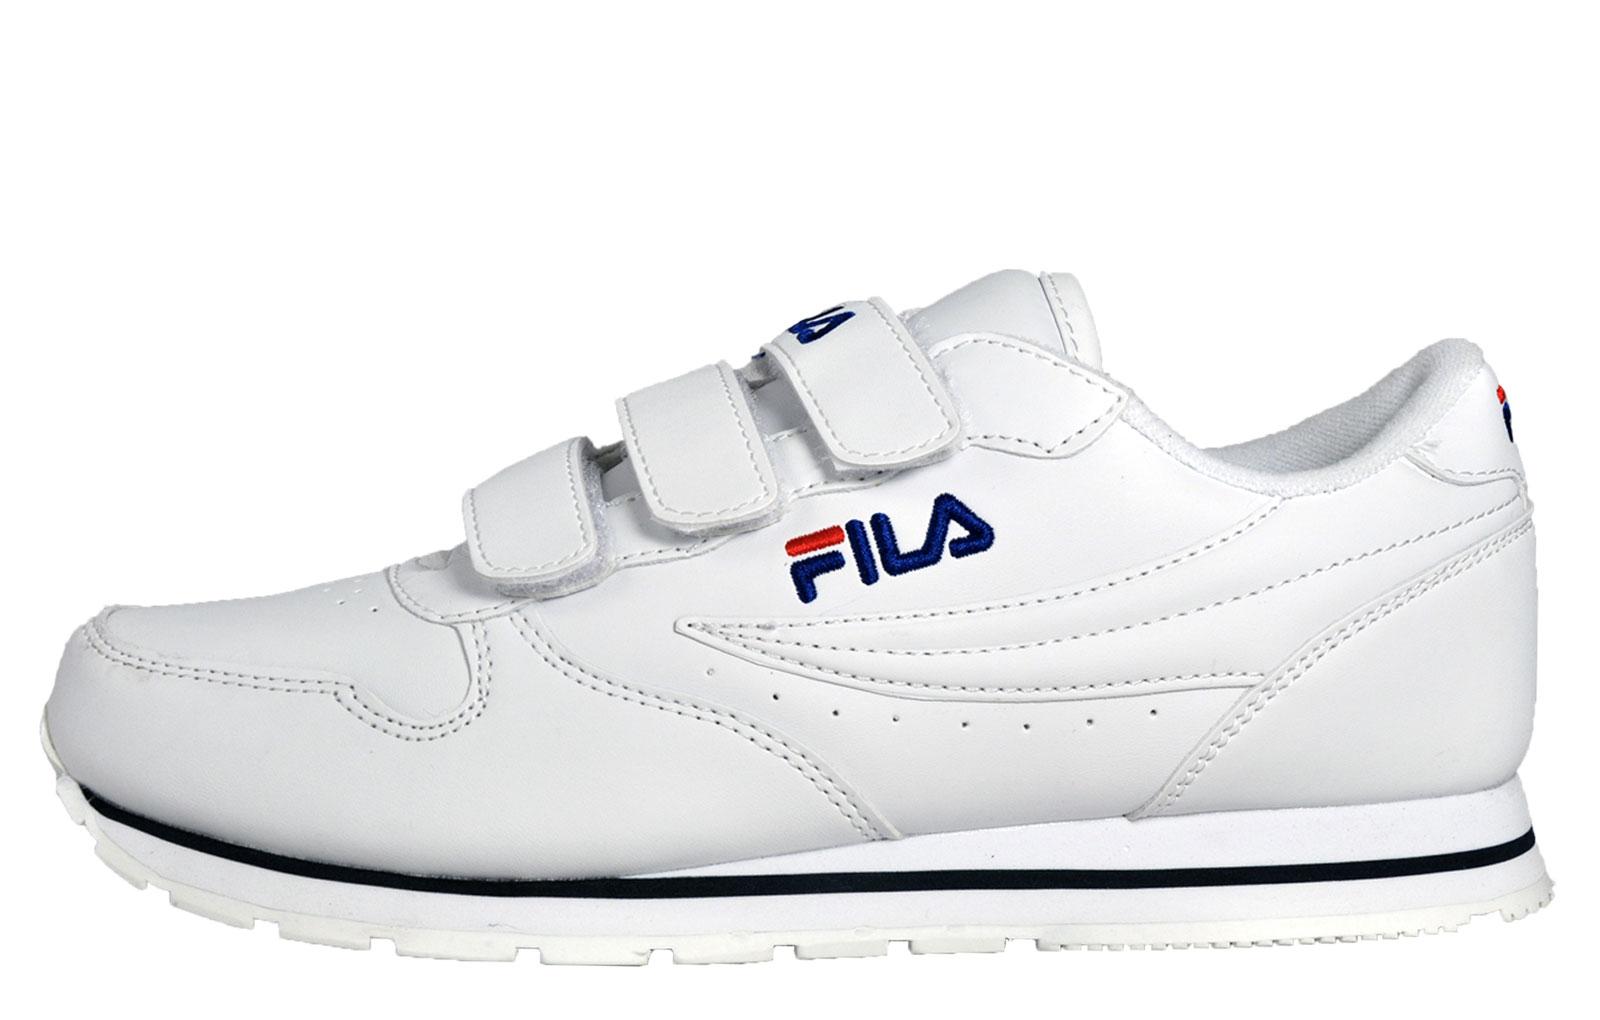 Fila Orbit Low Mens Casual Classic Premium Retro Trainers